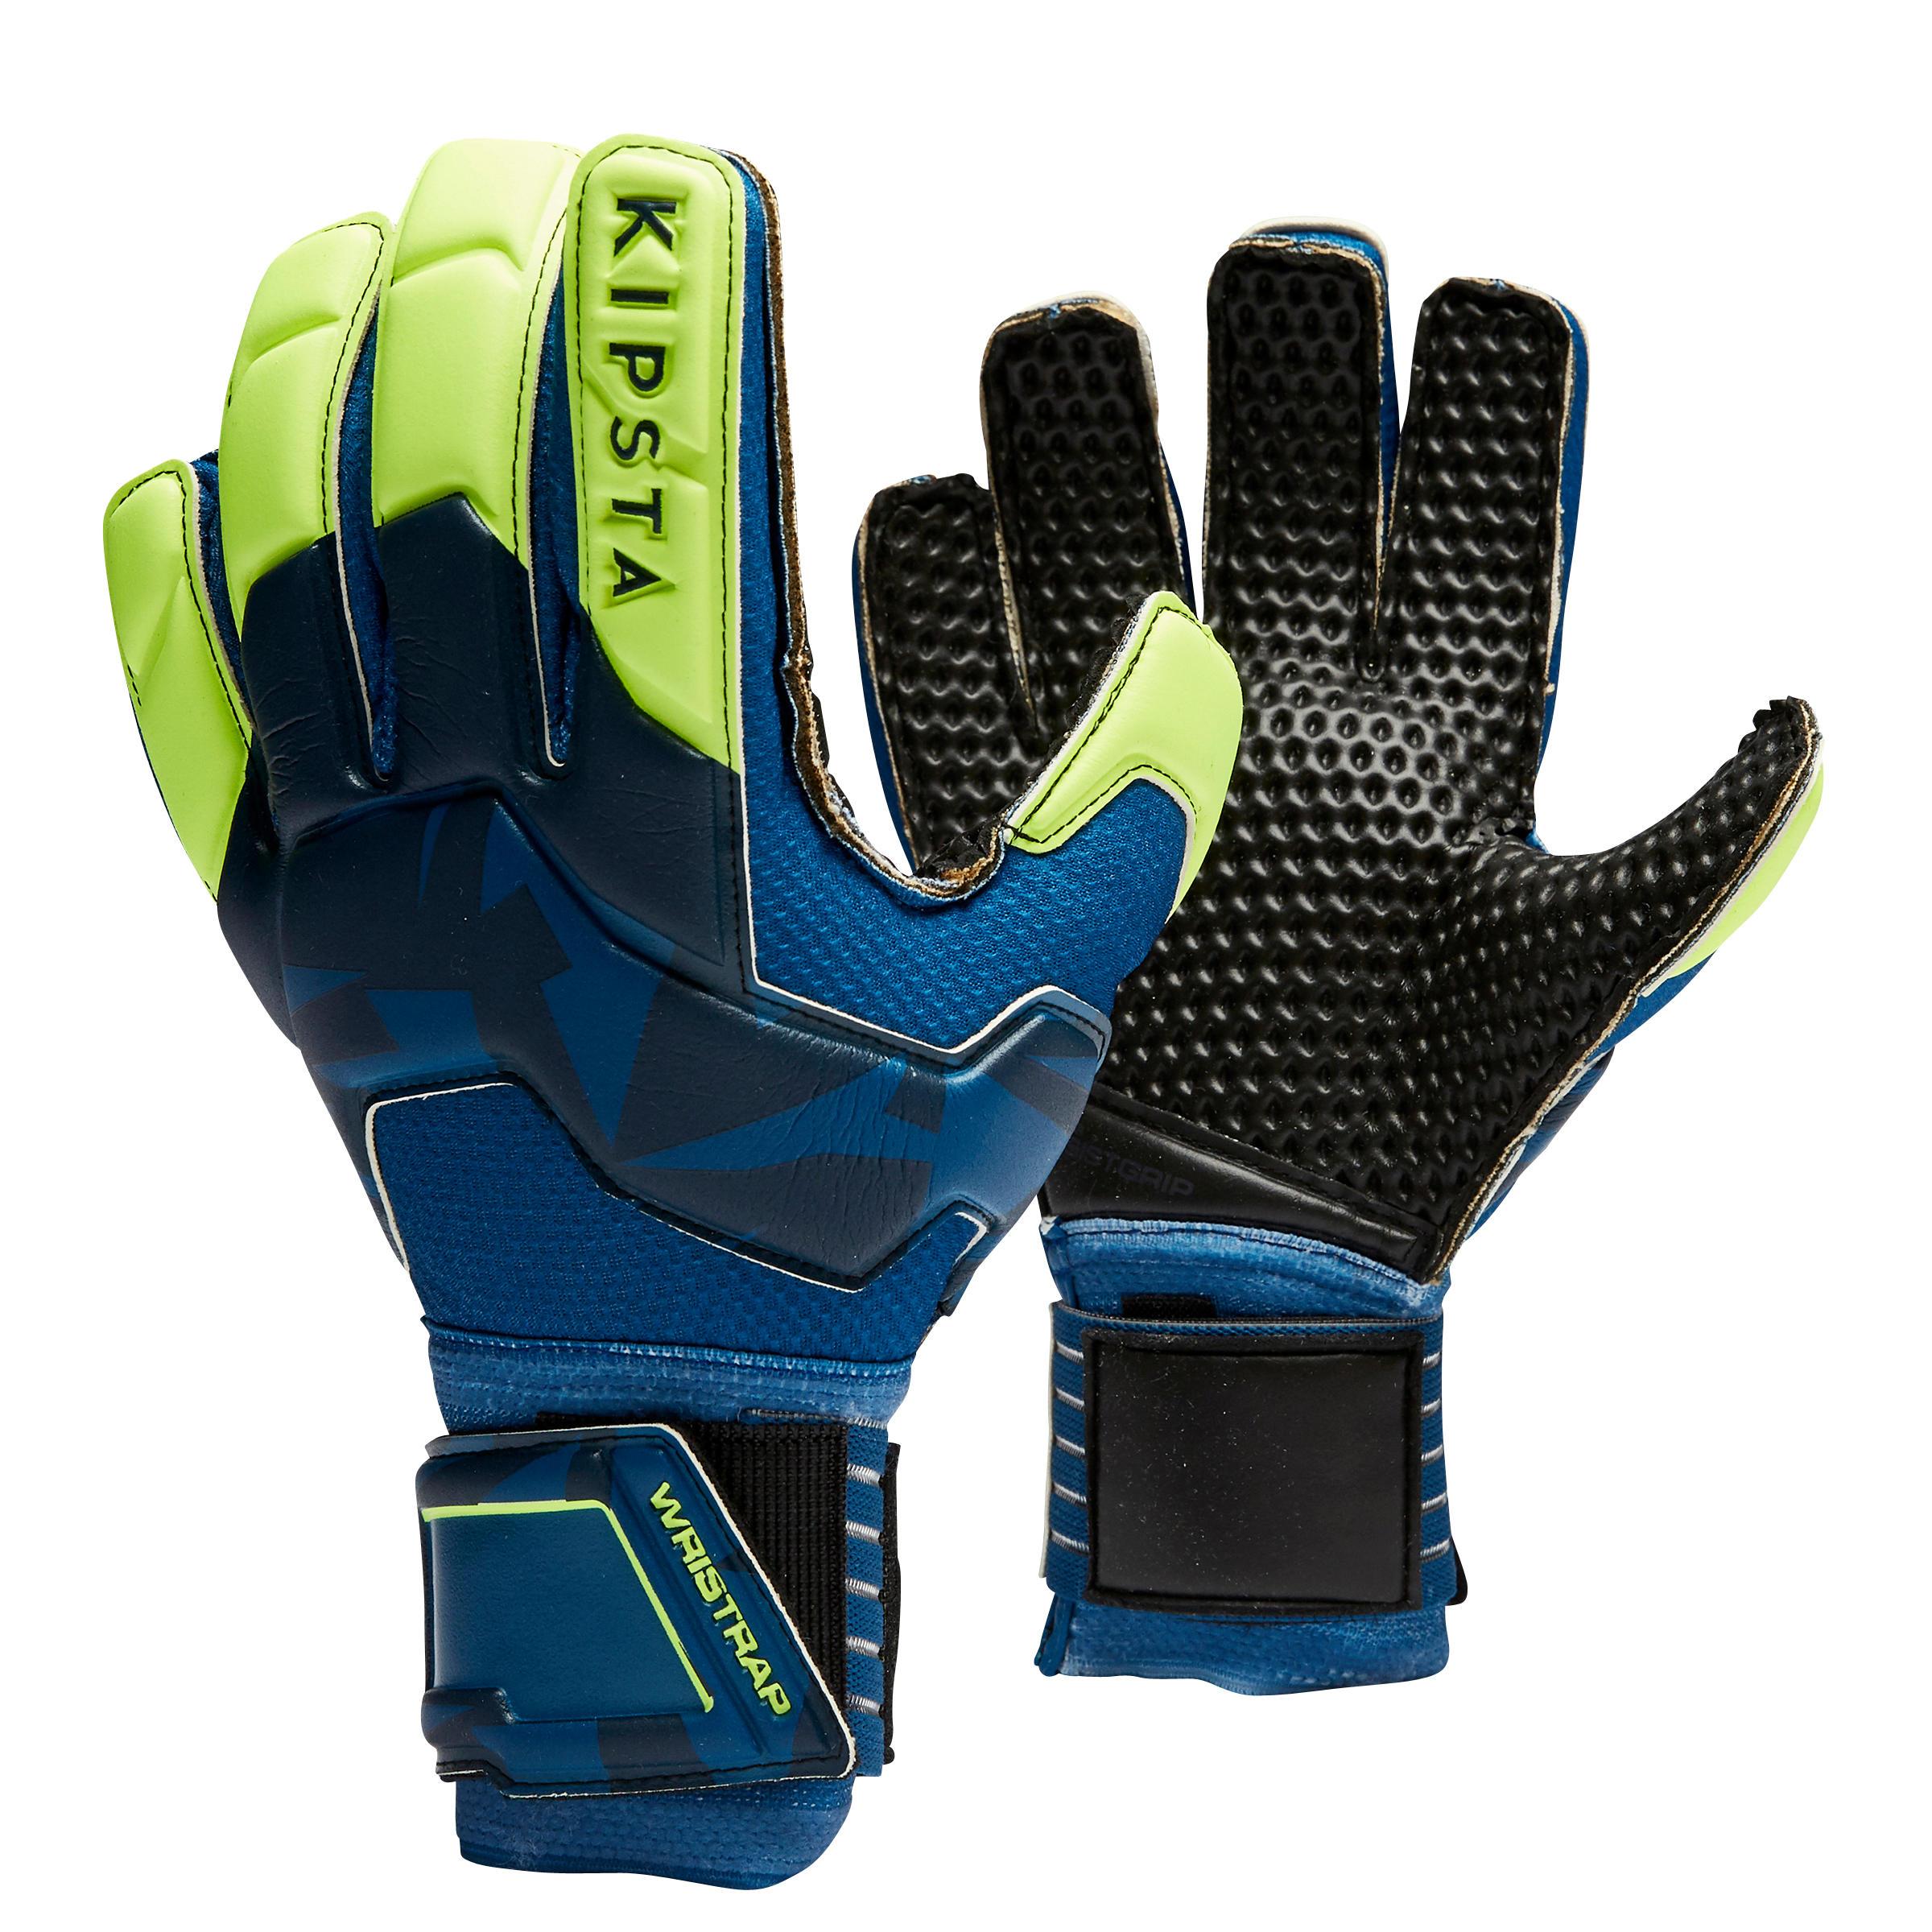 Torwarthandschuhe F500 geriffelt Erwachsene blau/gelb   Accessoires > Handschuhe > Sonstige Handschuhe   Kipsta